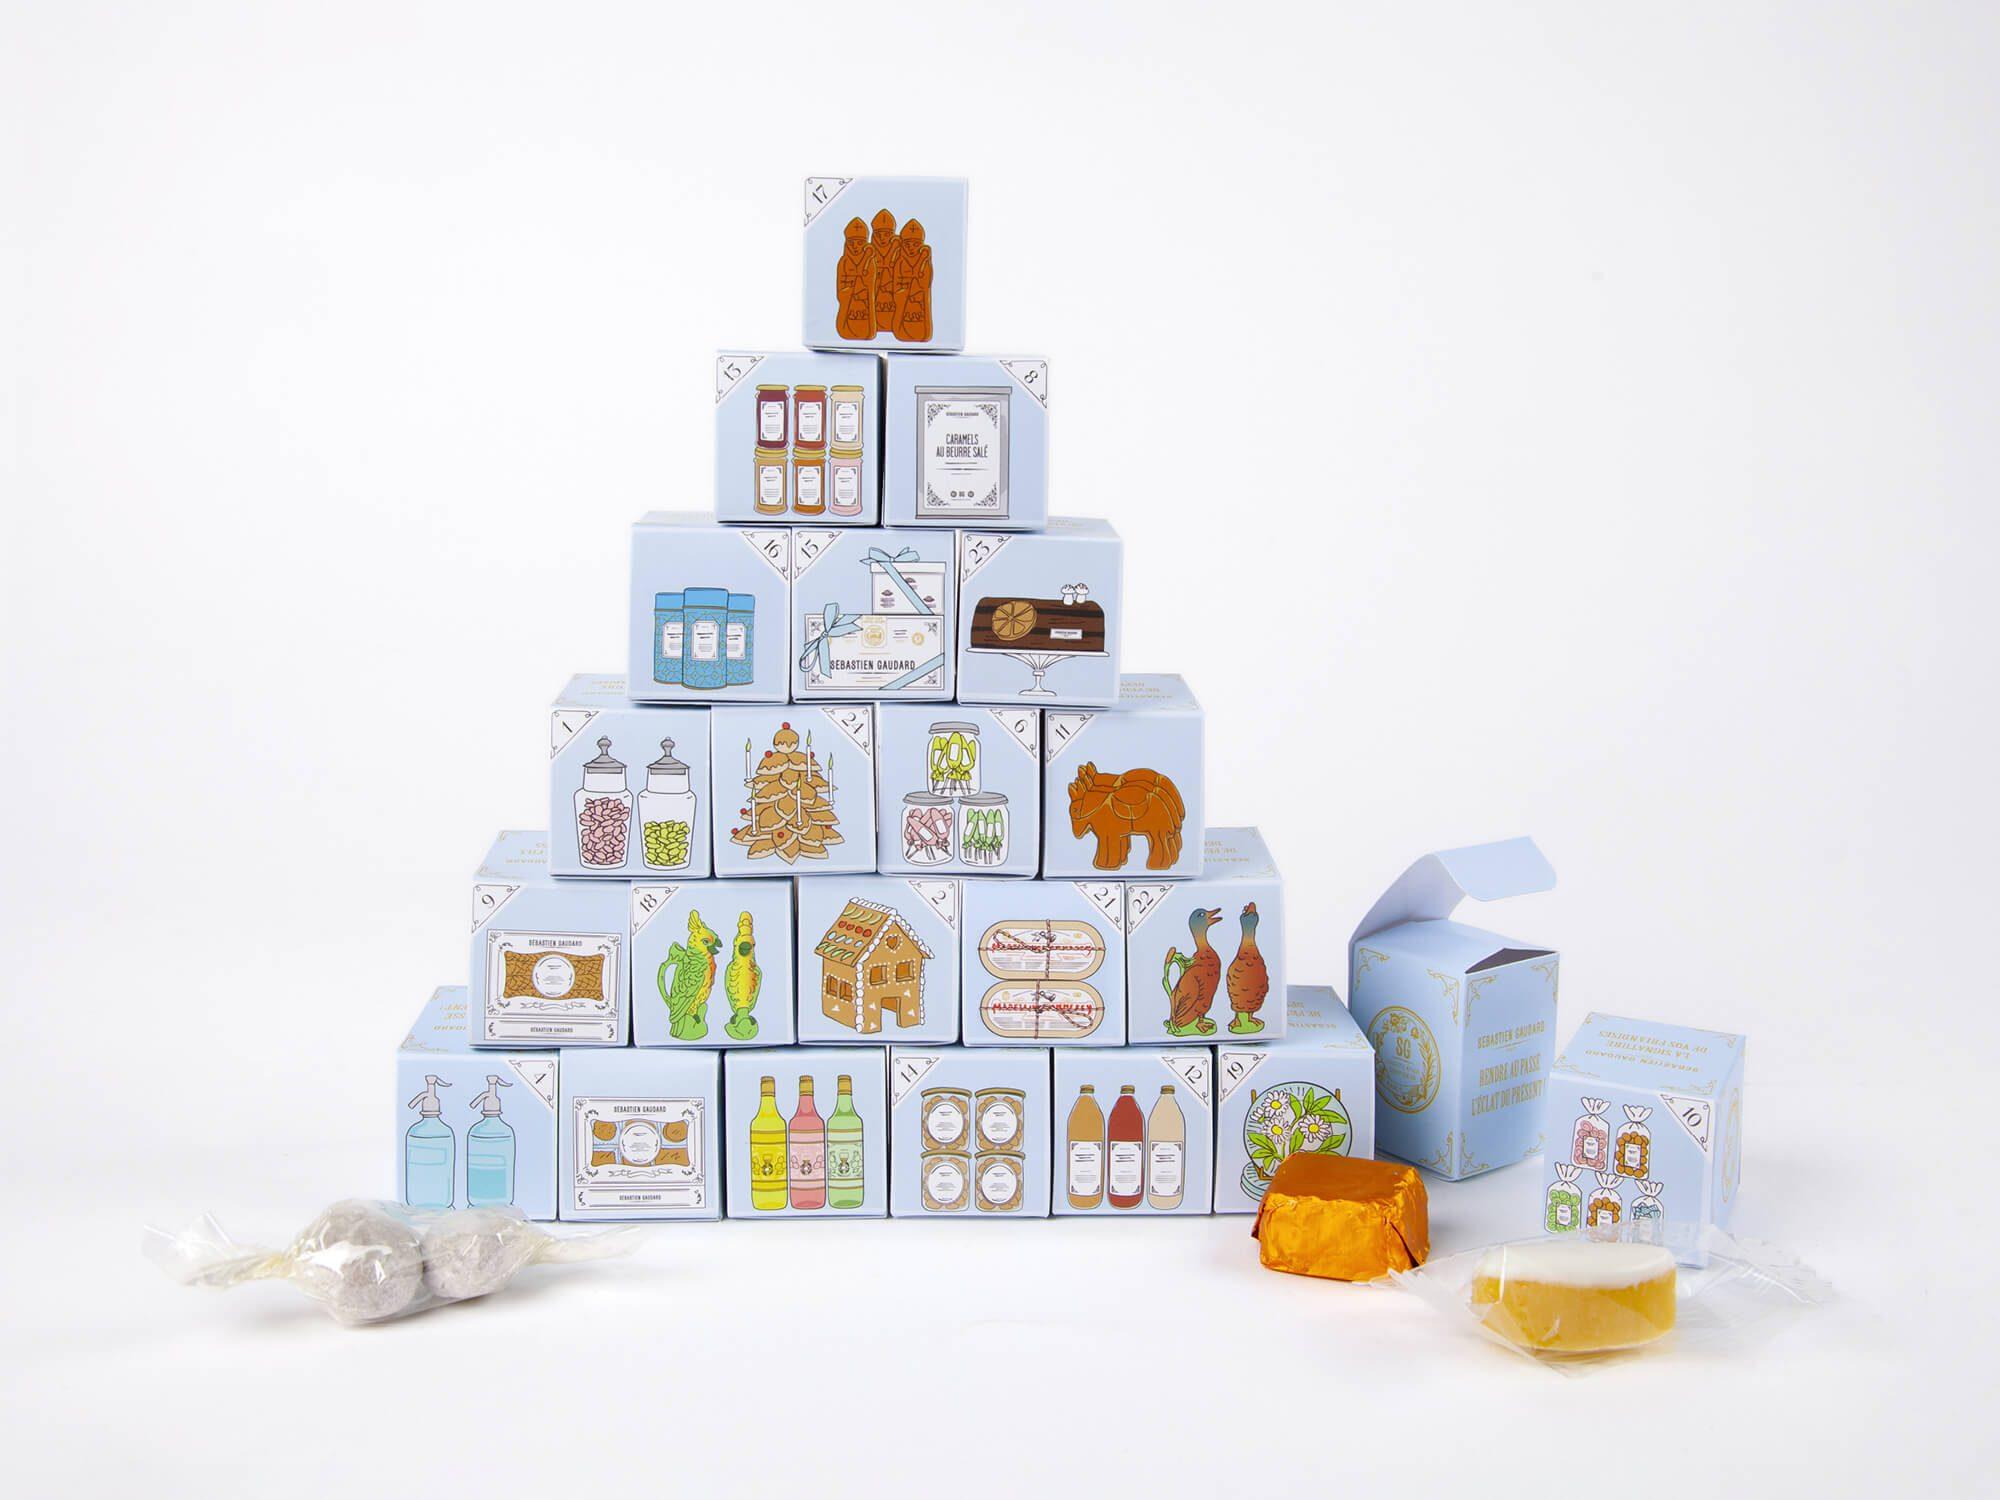 les 24 boîtes du calendrier de l'avent de Sébastien gaudard, sont illustrés des produits phares de la patisserie, confiture, pain d'épices, thé, biscuits…